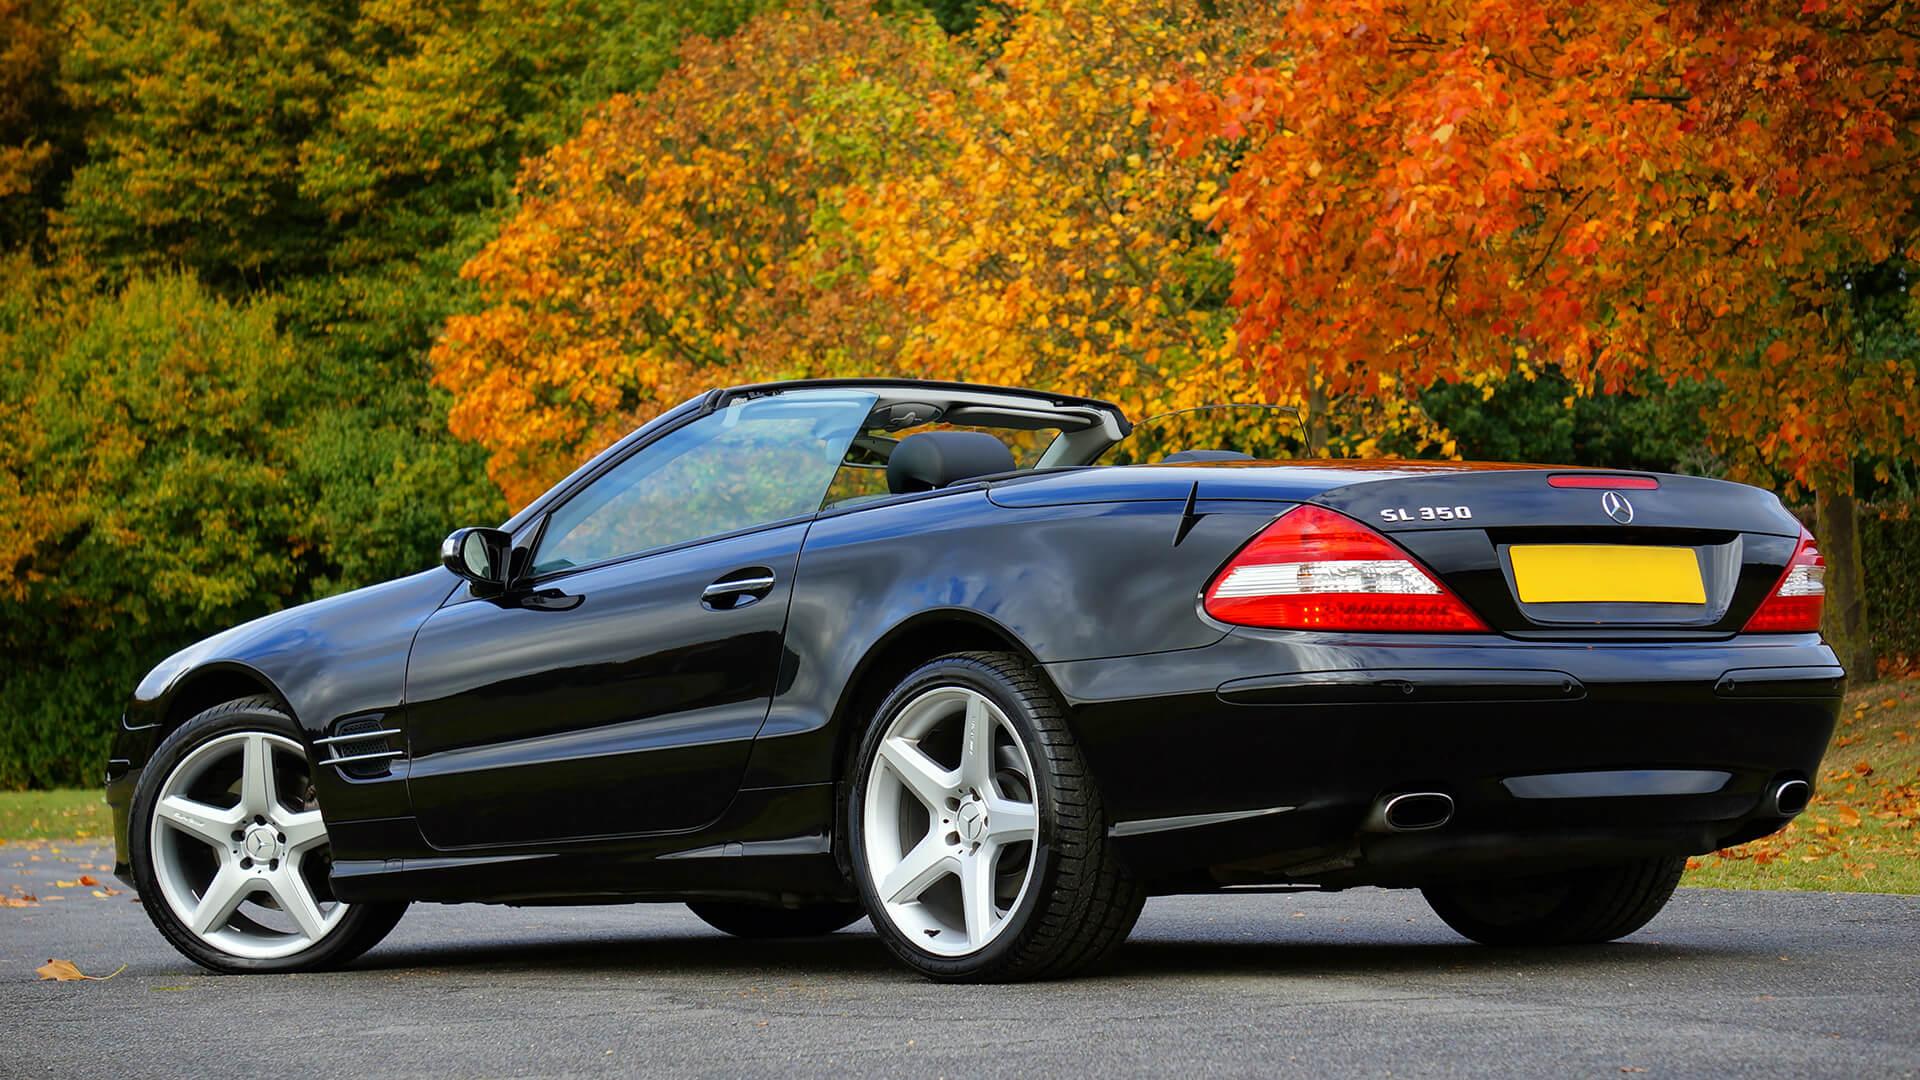 SL Class Mercedes Benz.